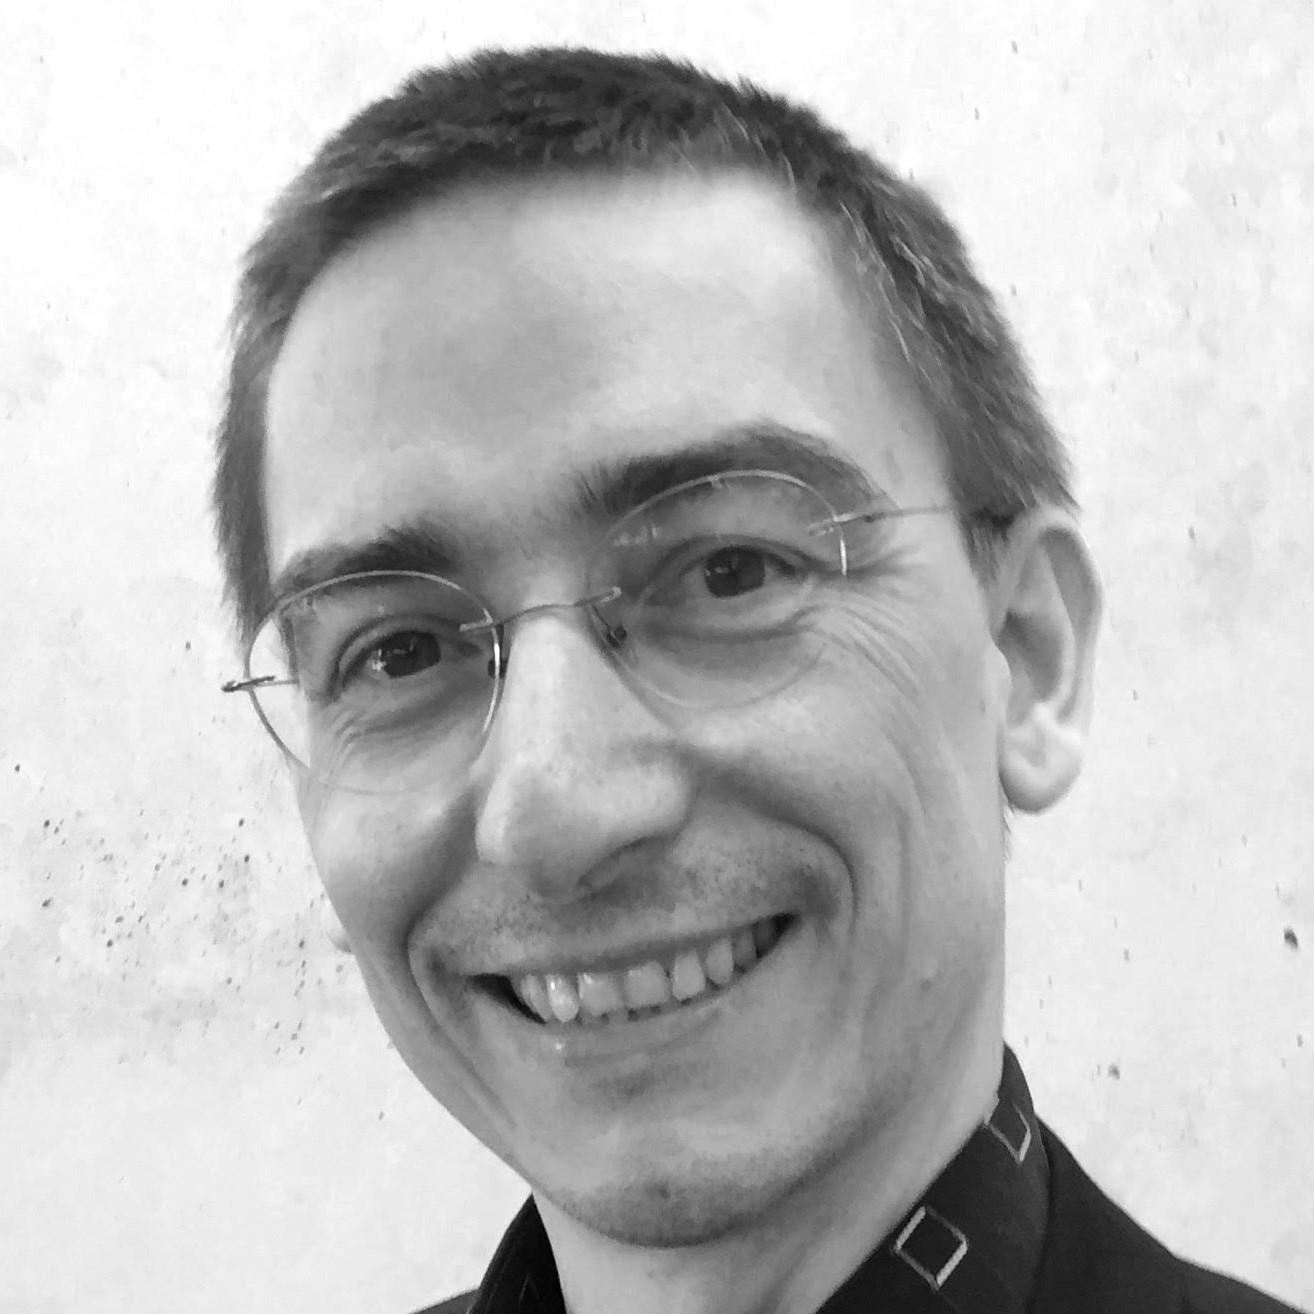 Frédéric Canevet